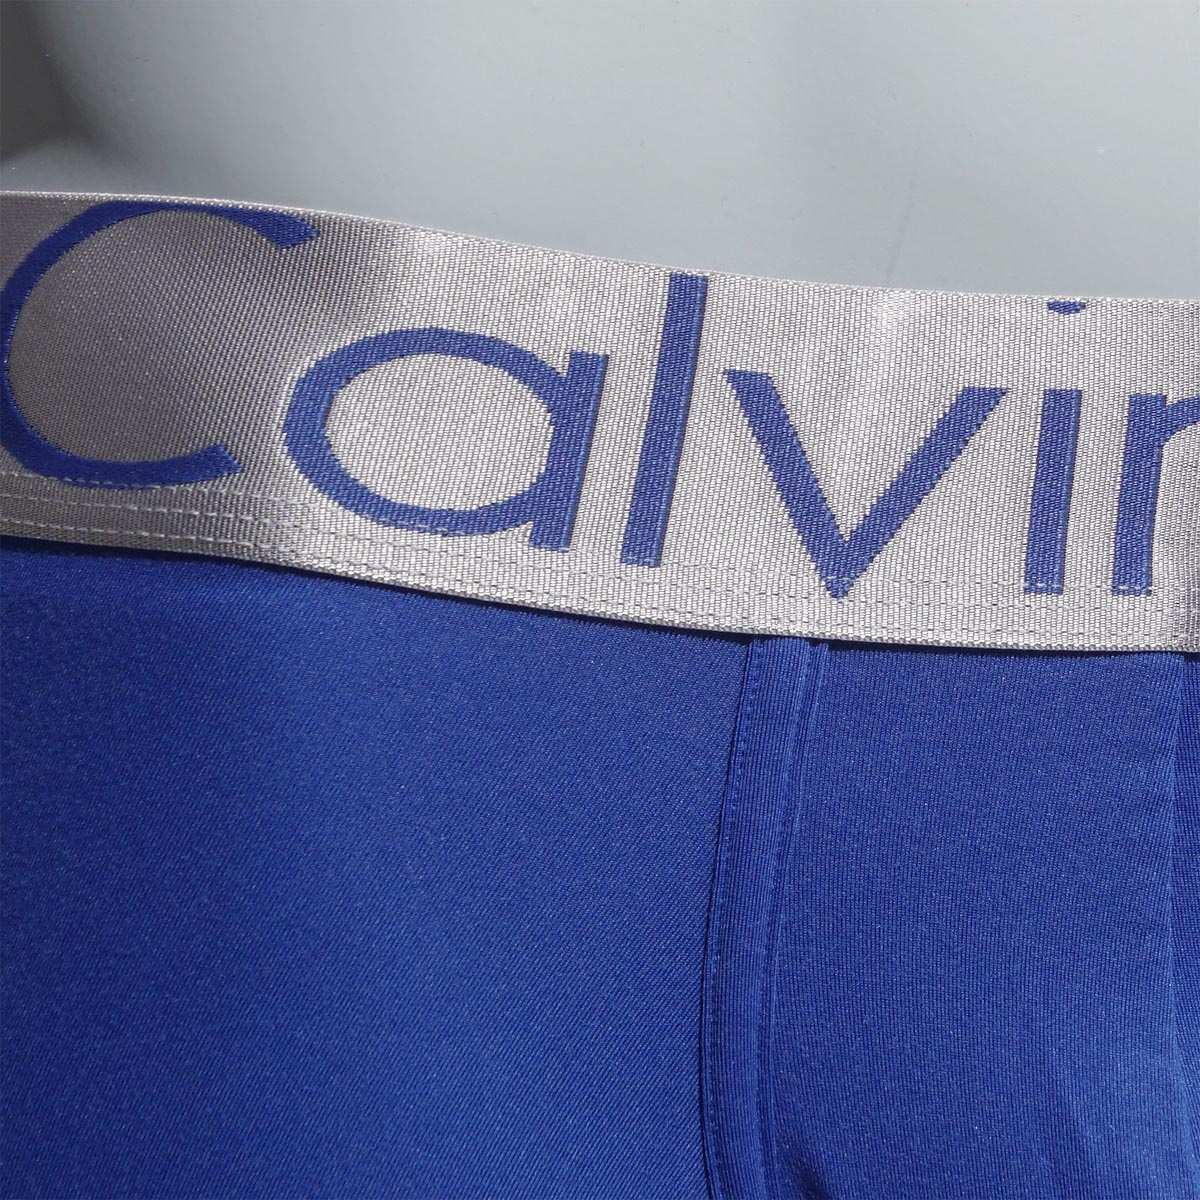 Calvin Klein カルバンクライン ボクサーパンツ 3枚セット/LOW RISE TRUNK【返品交換不可】 メンズ